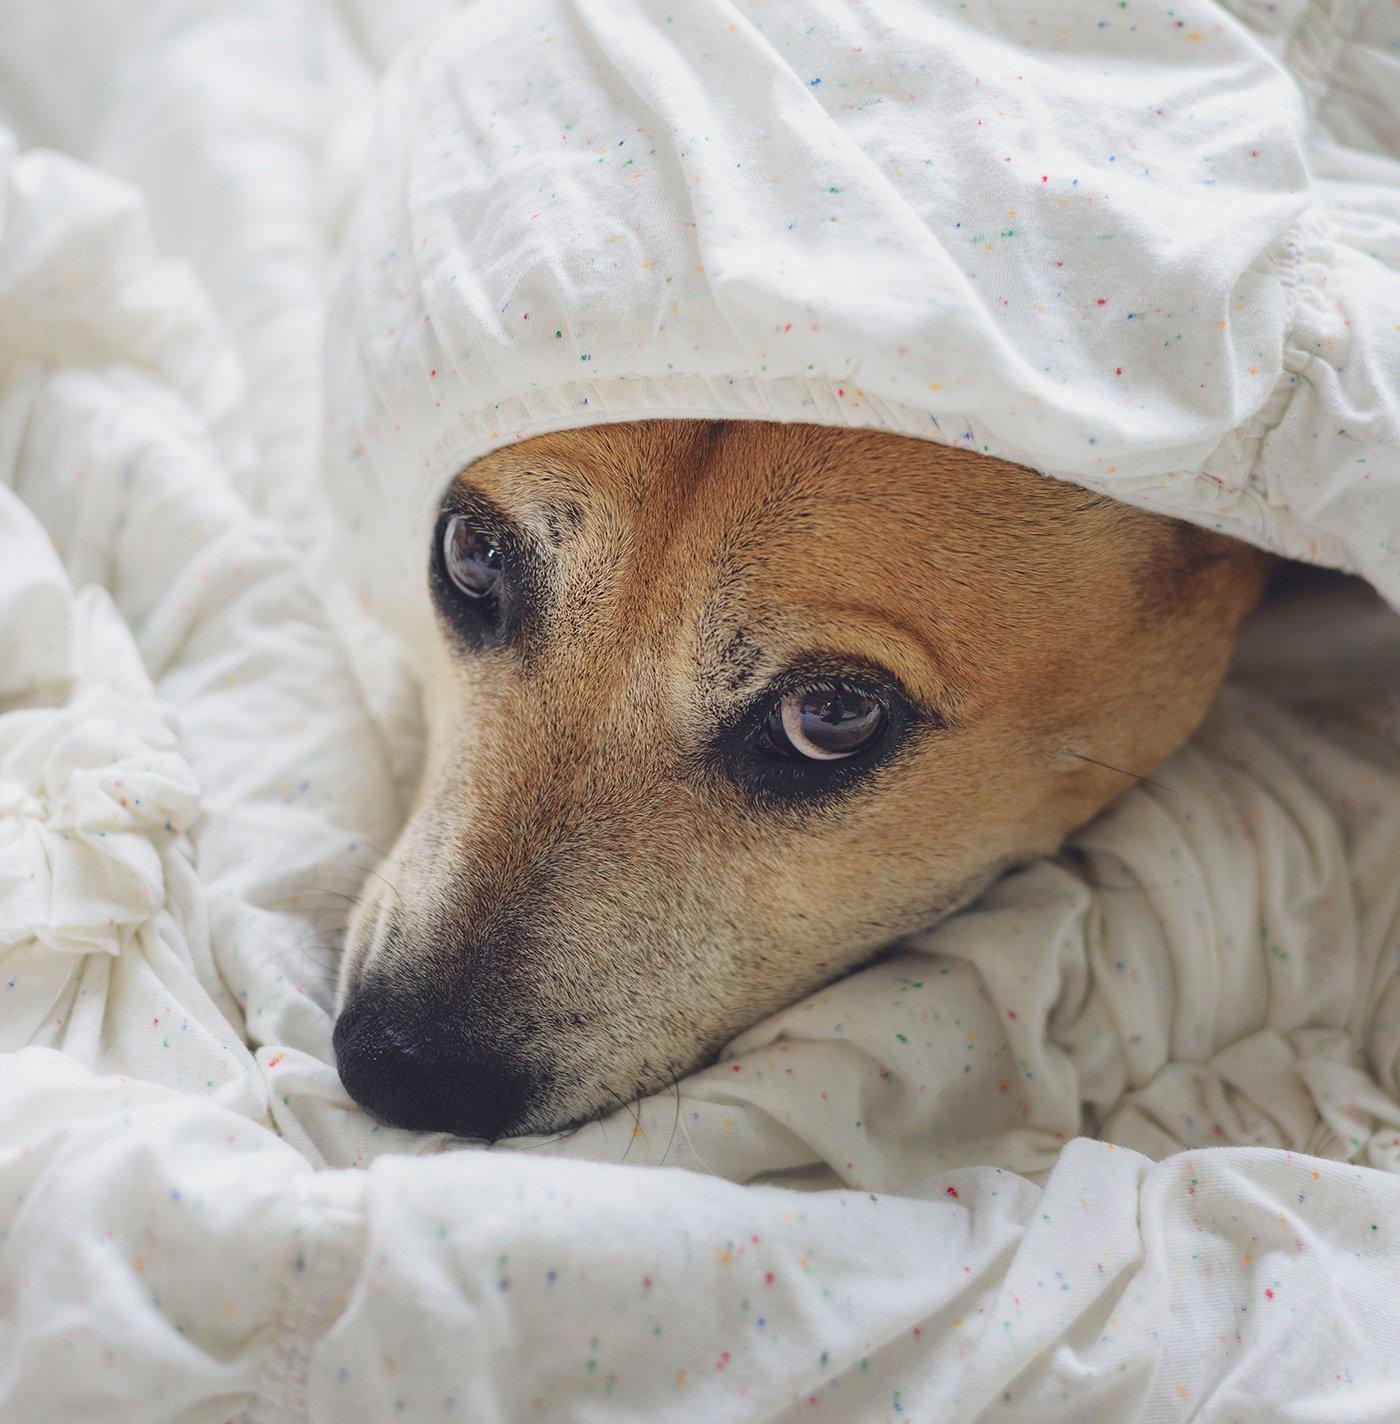 The Christmas Beagle